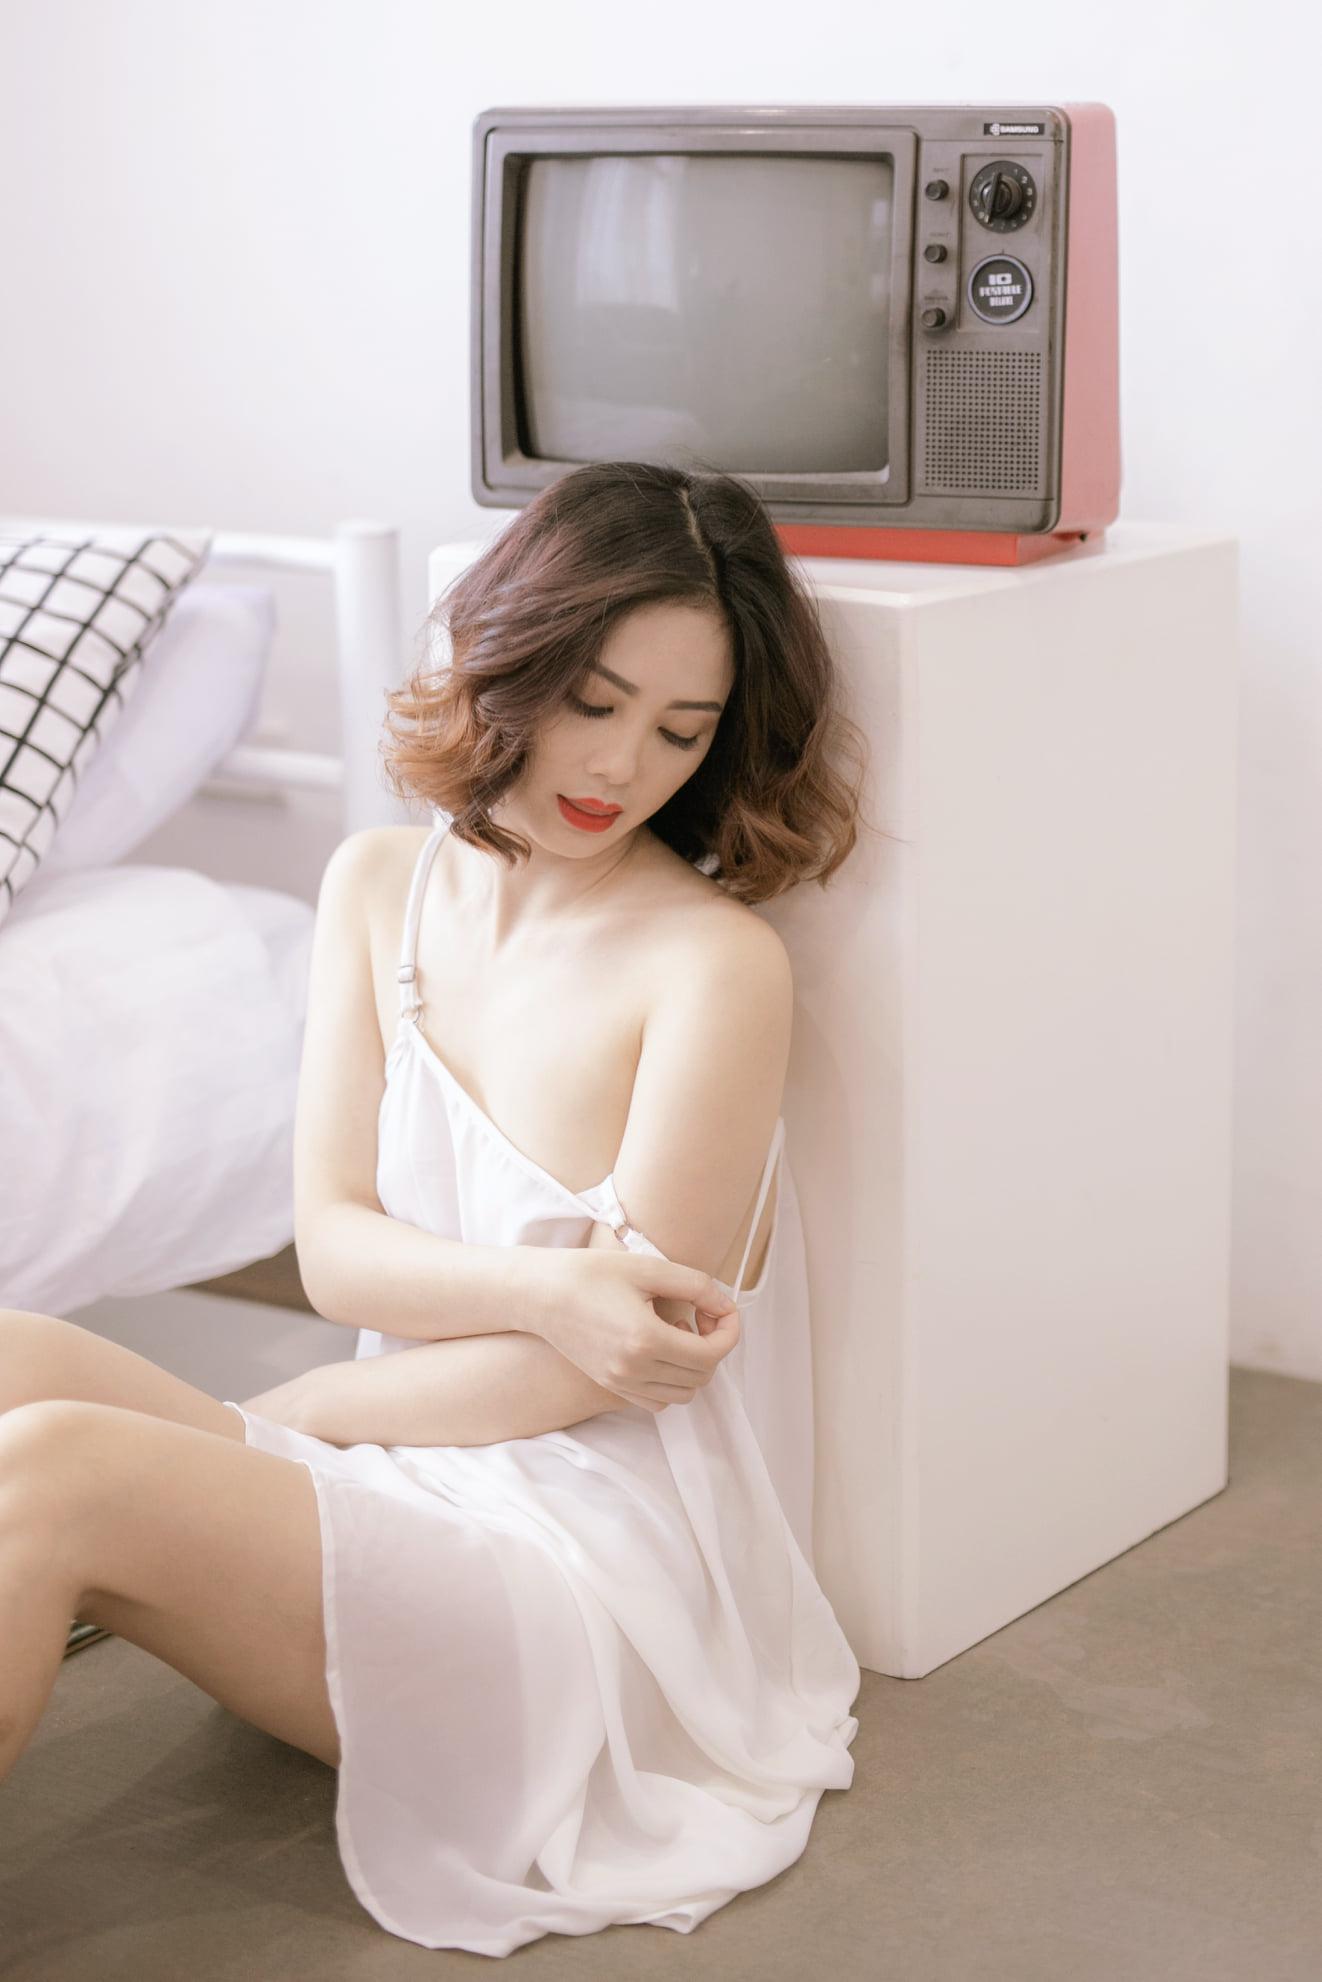 Tải ảnh gái đẹp về máy điện thoại